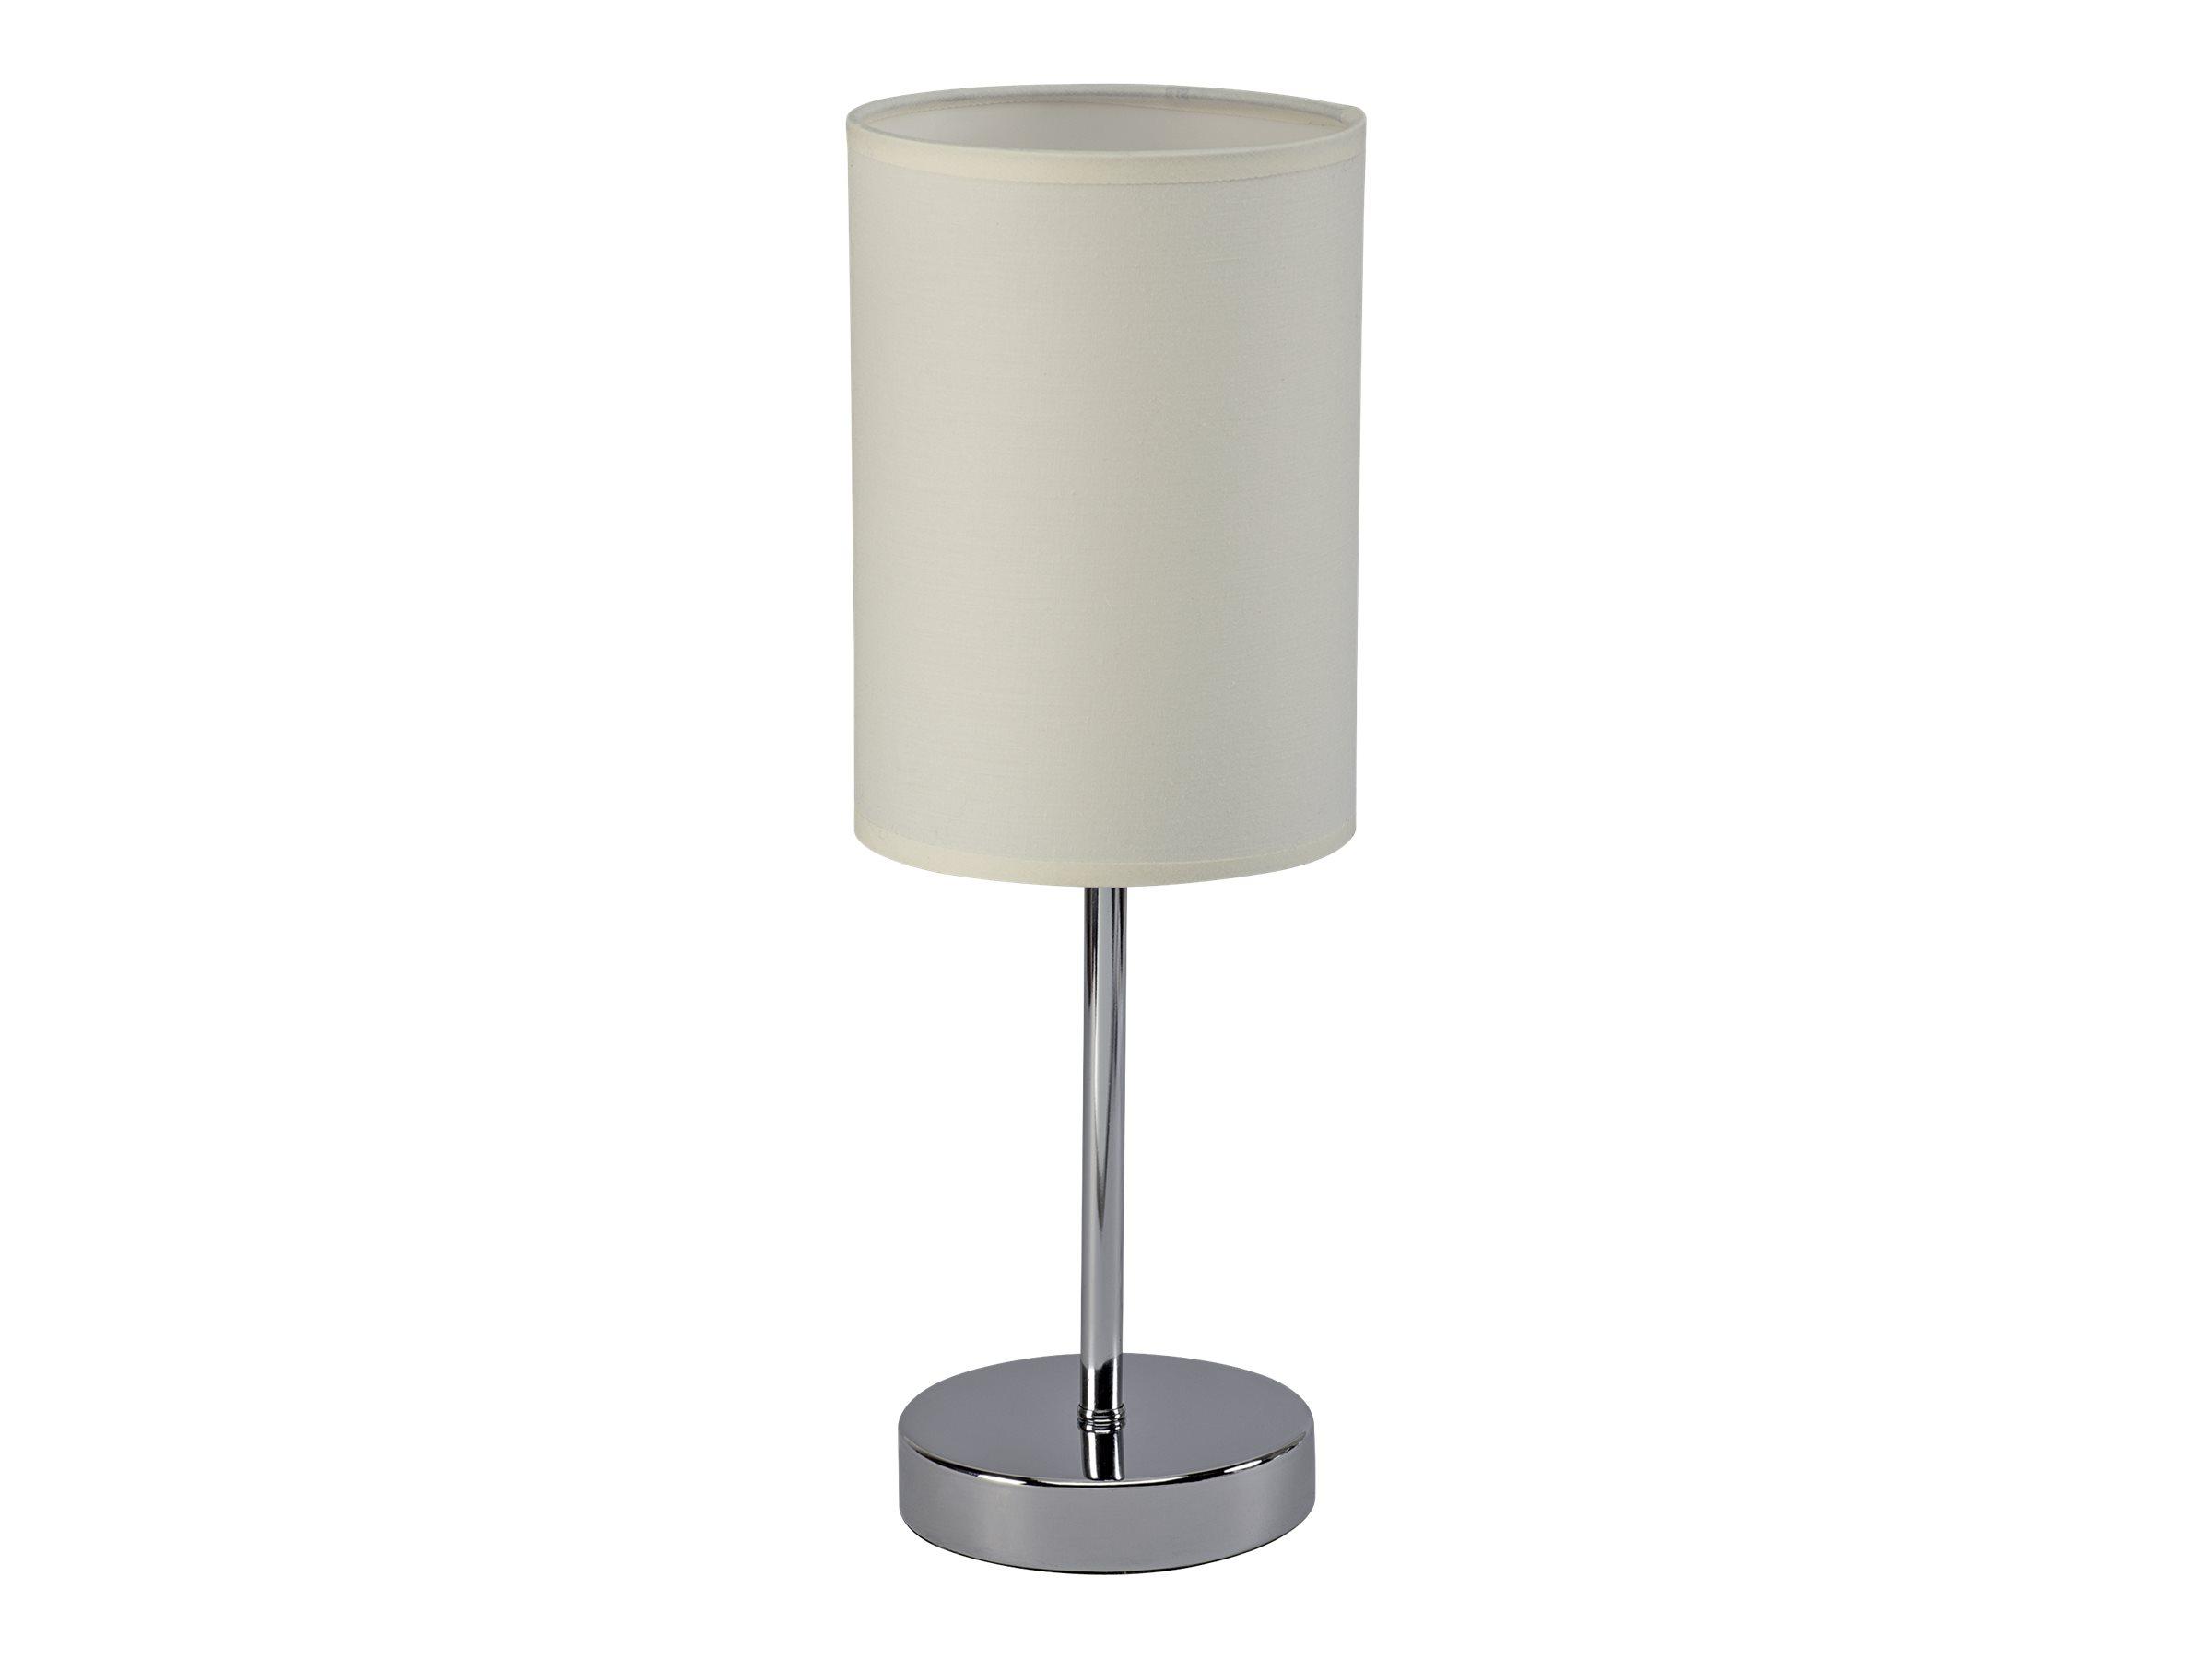 maulcliff lampe de bureau ampoule fluorescente compacte integree